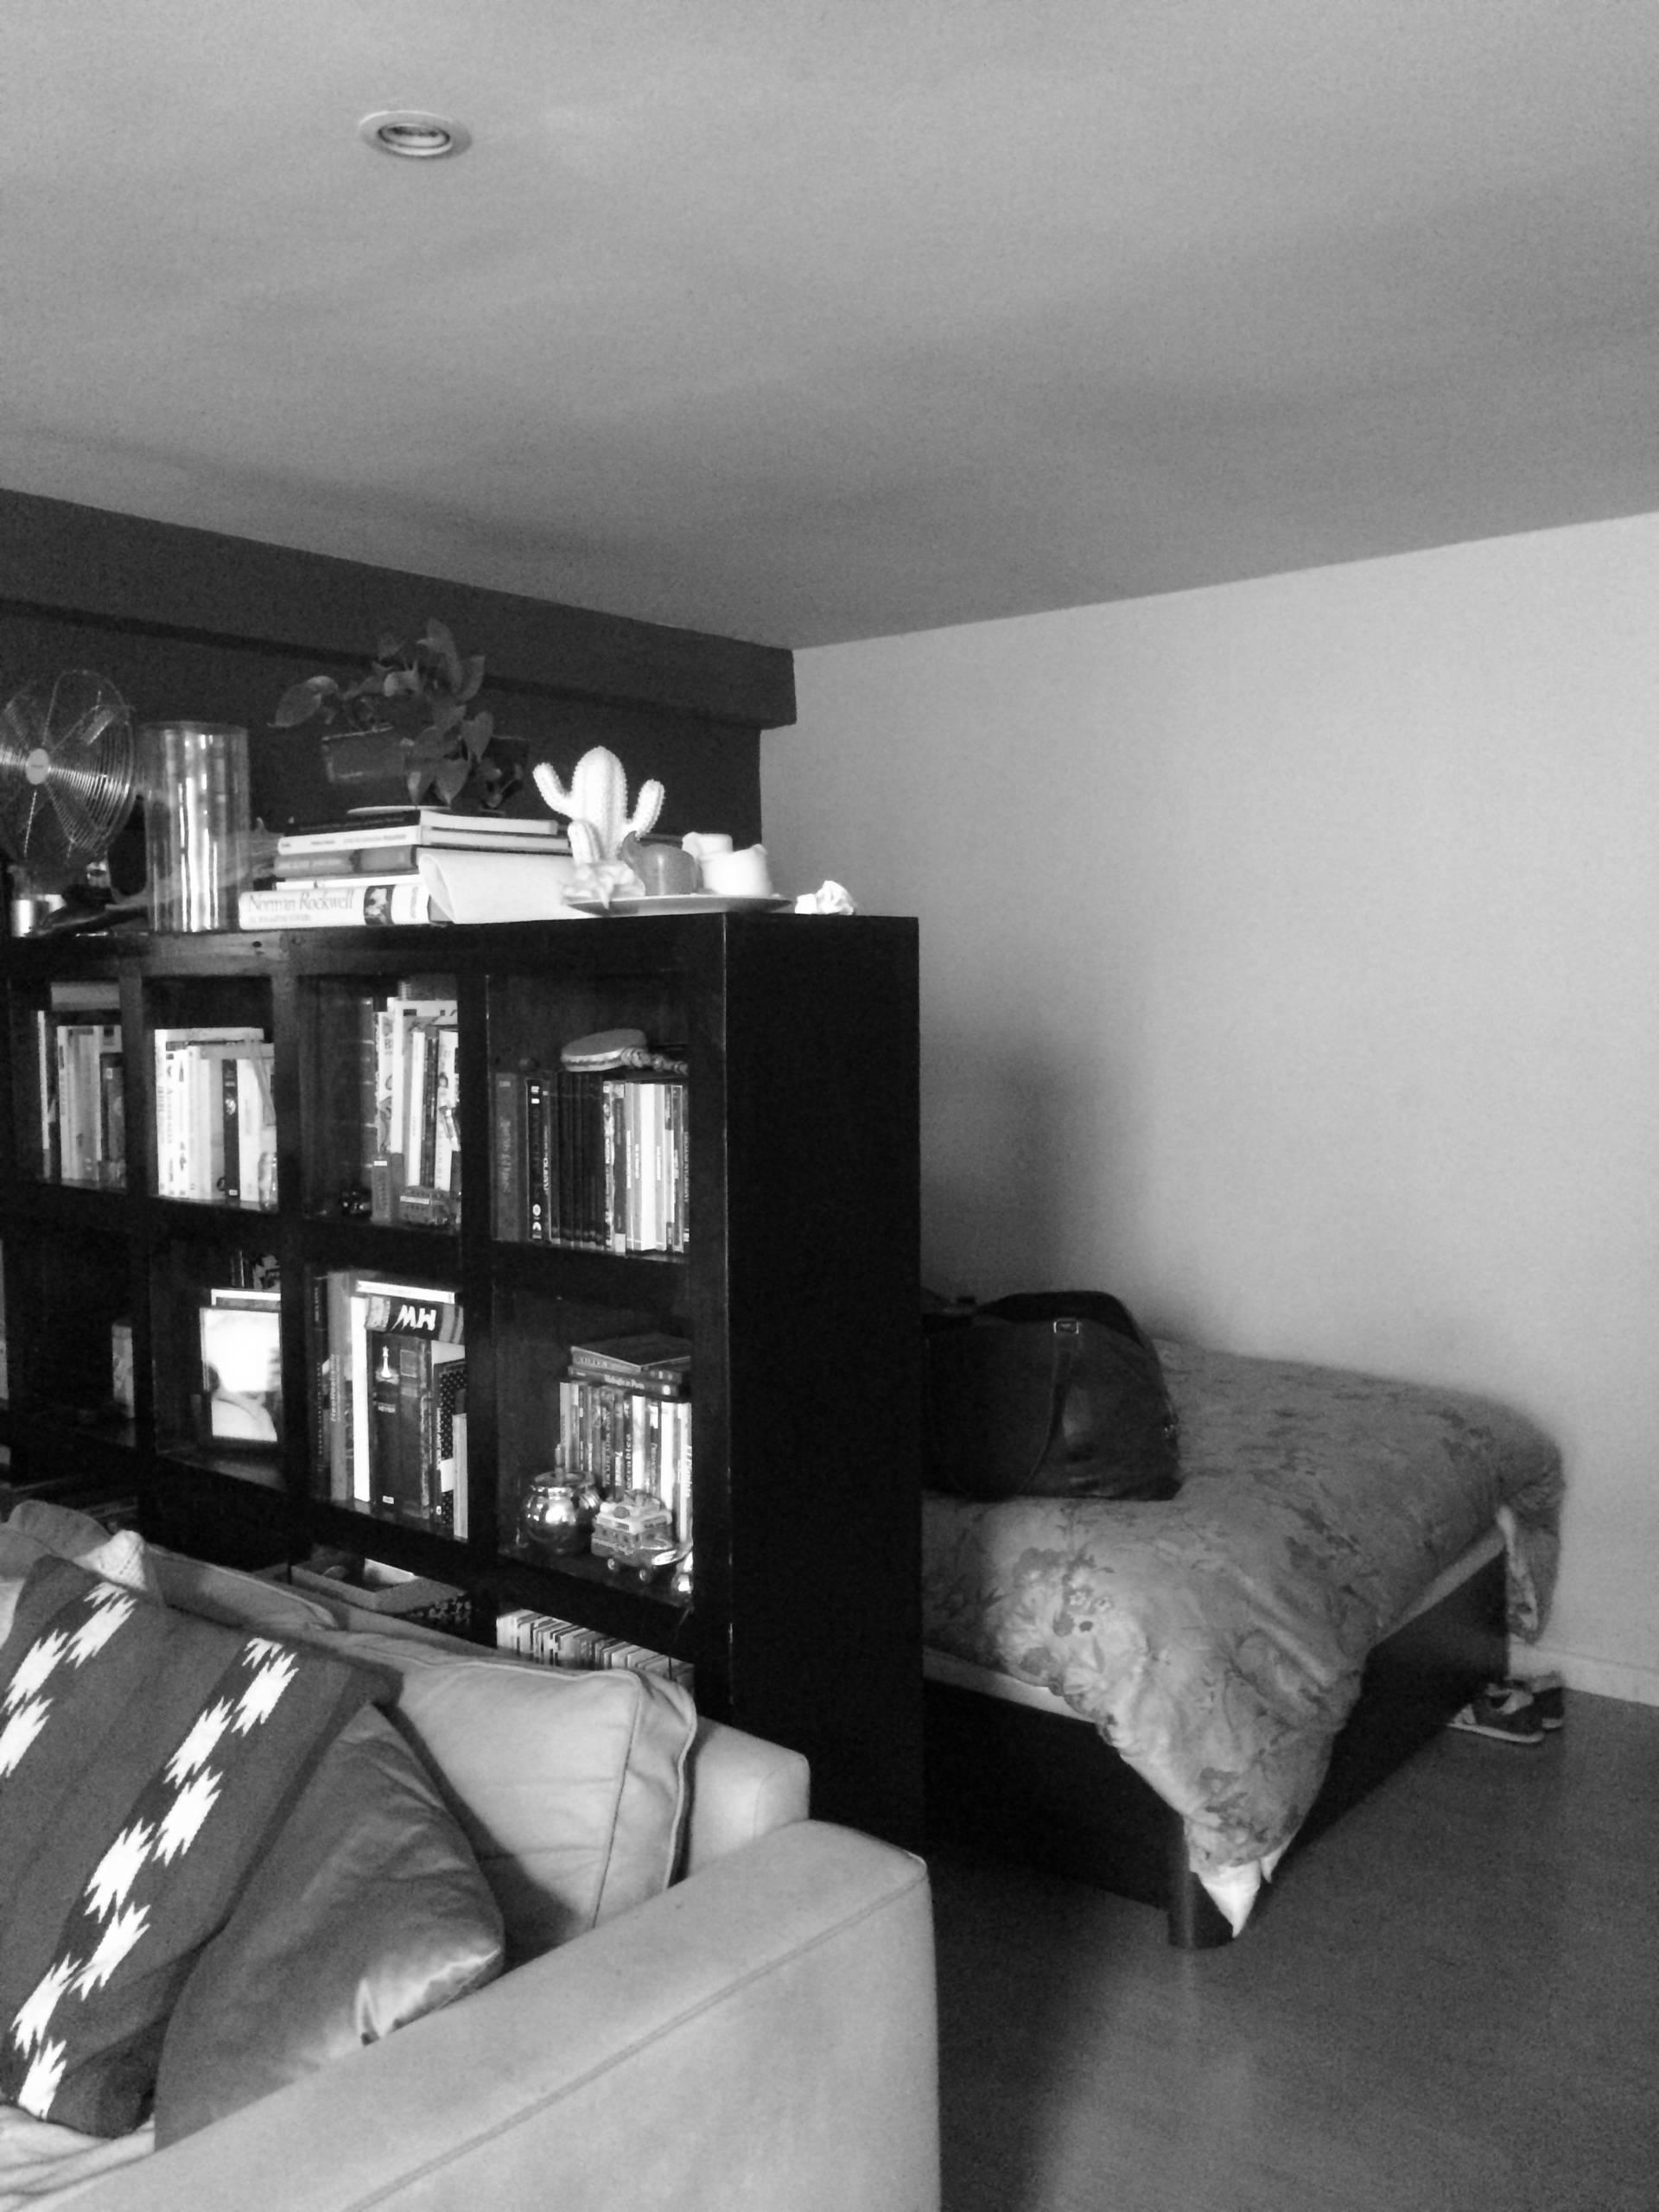 Zona de dormitorio, antes de la reforma.